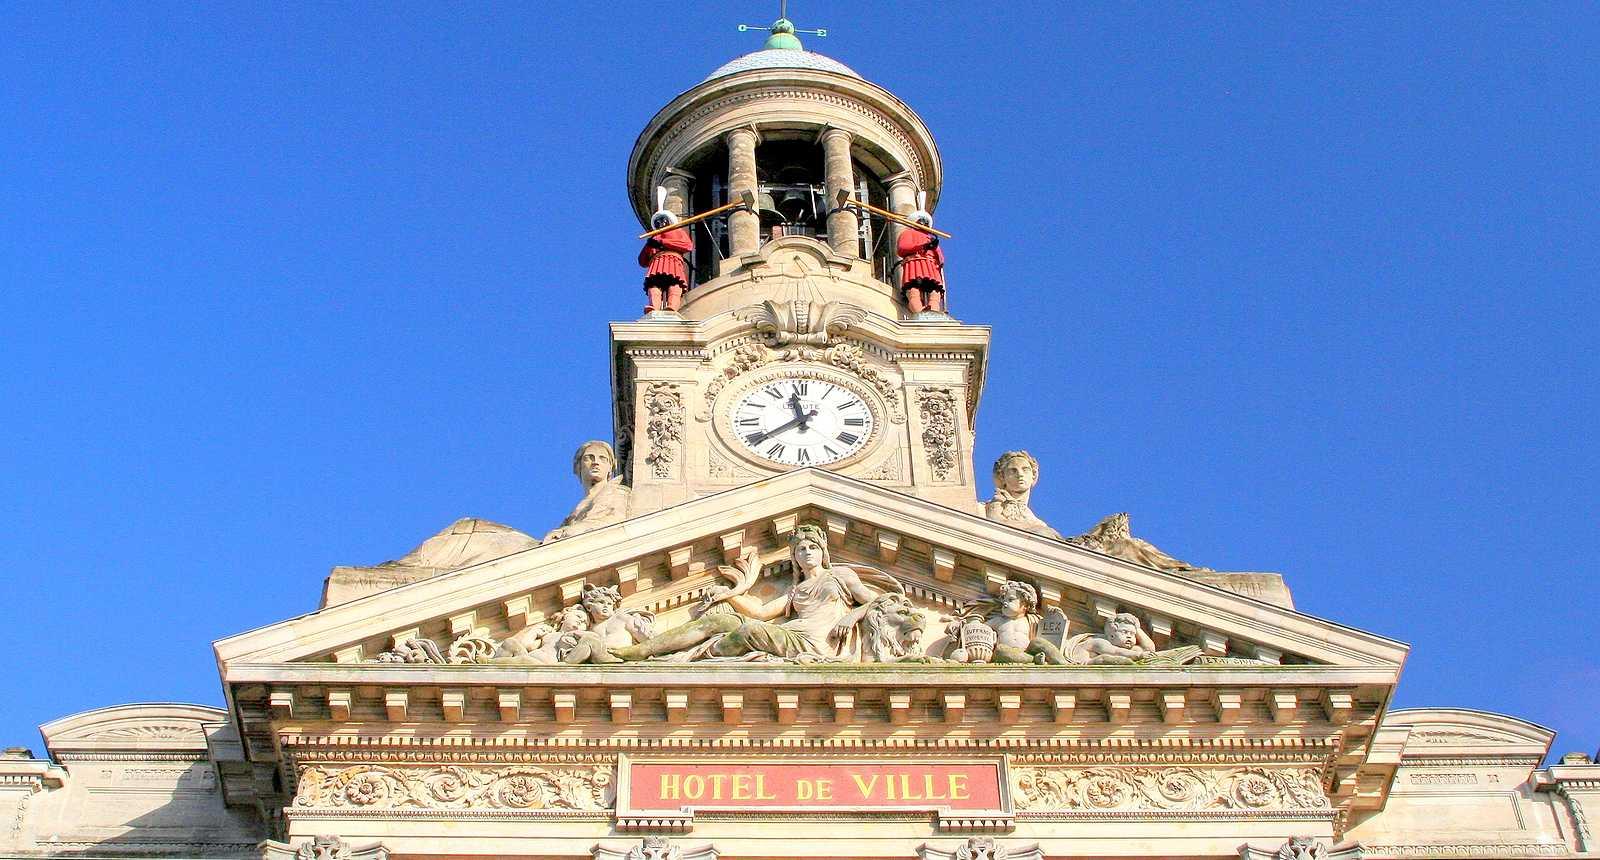 Le campanile de l'Hôtel de Ville de Cambrai